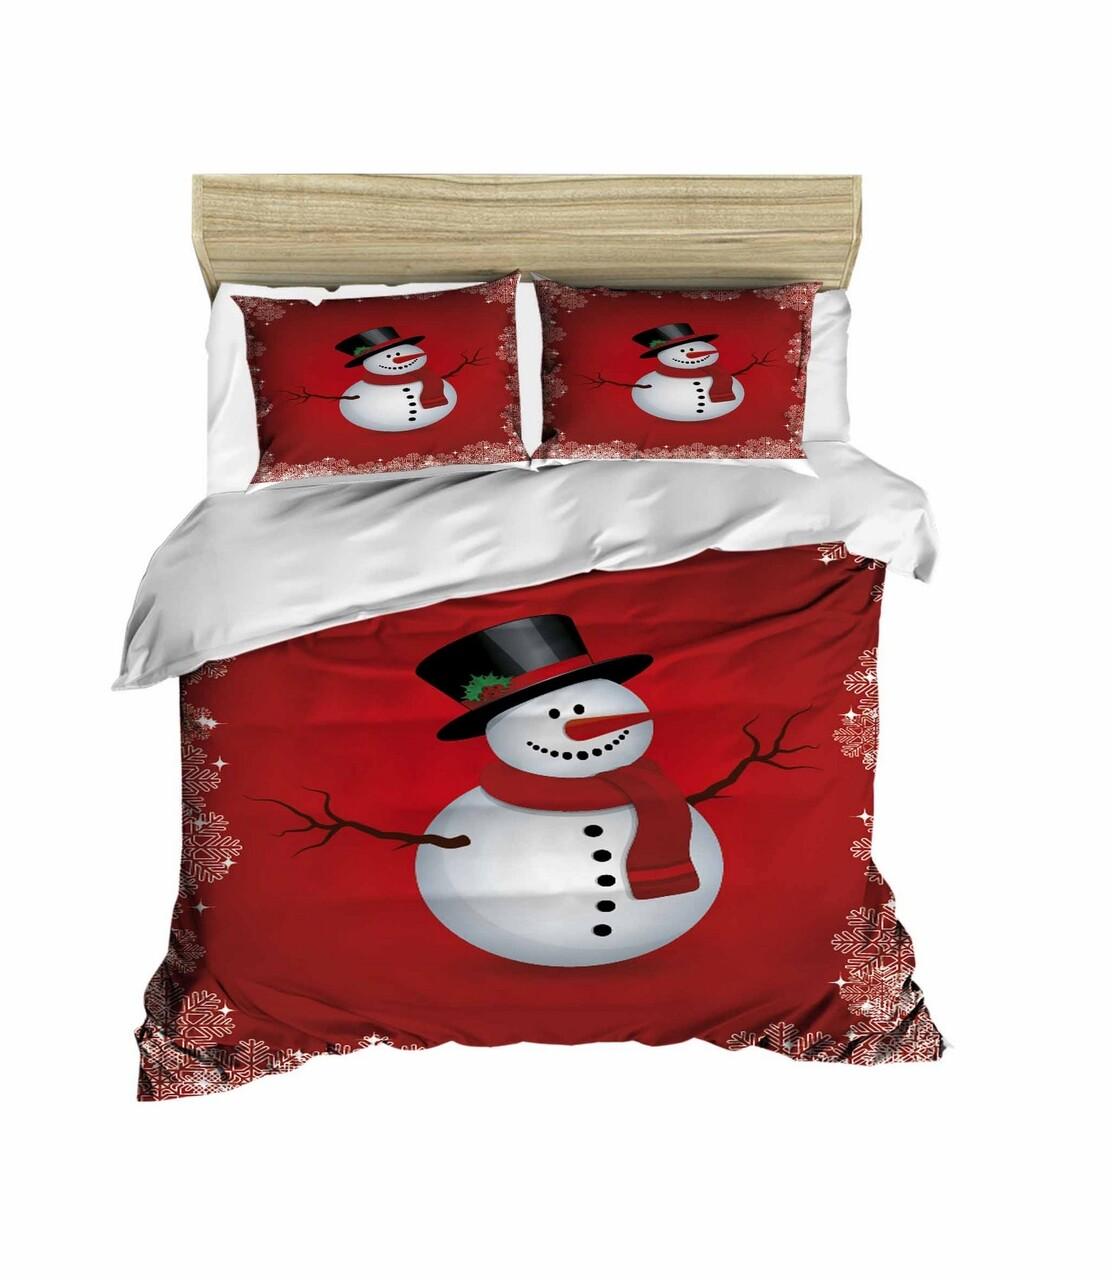 Lenjerie de pat pentru doua persoane, Pearl Home, 430, print 3D, policoton, 4 piese, alb/rosu/negru